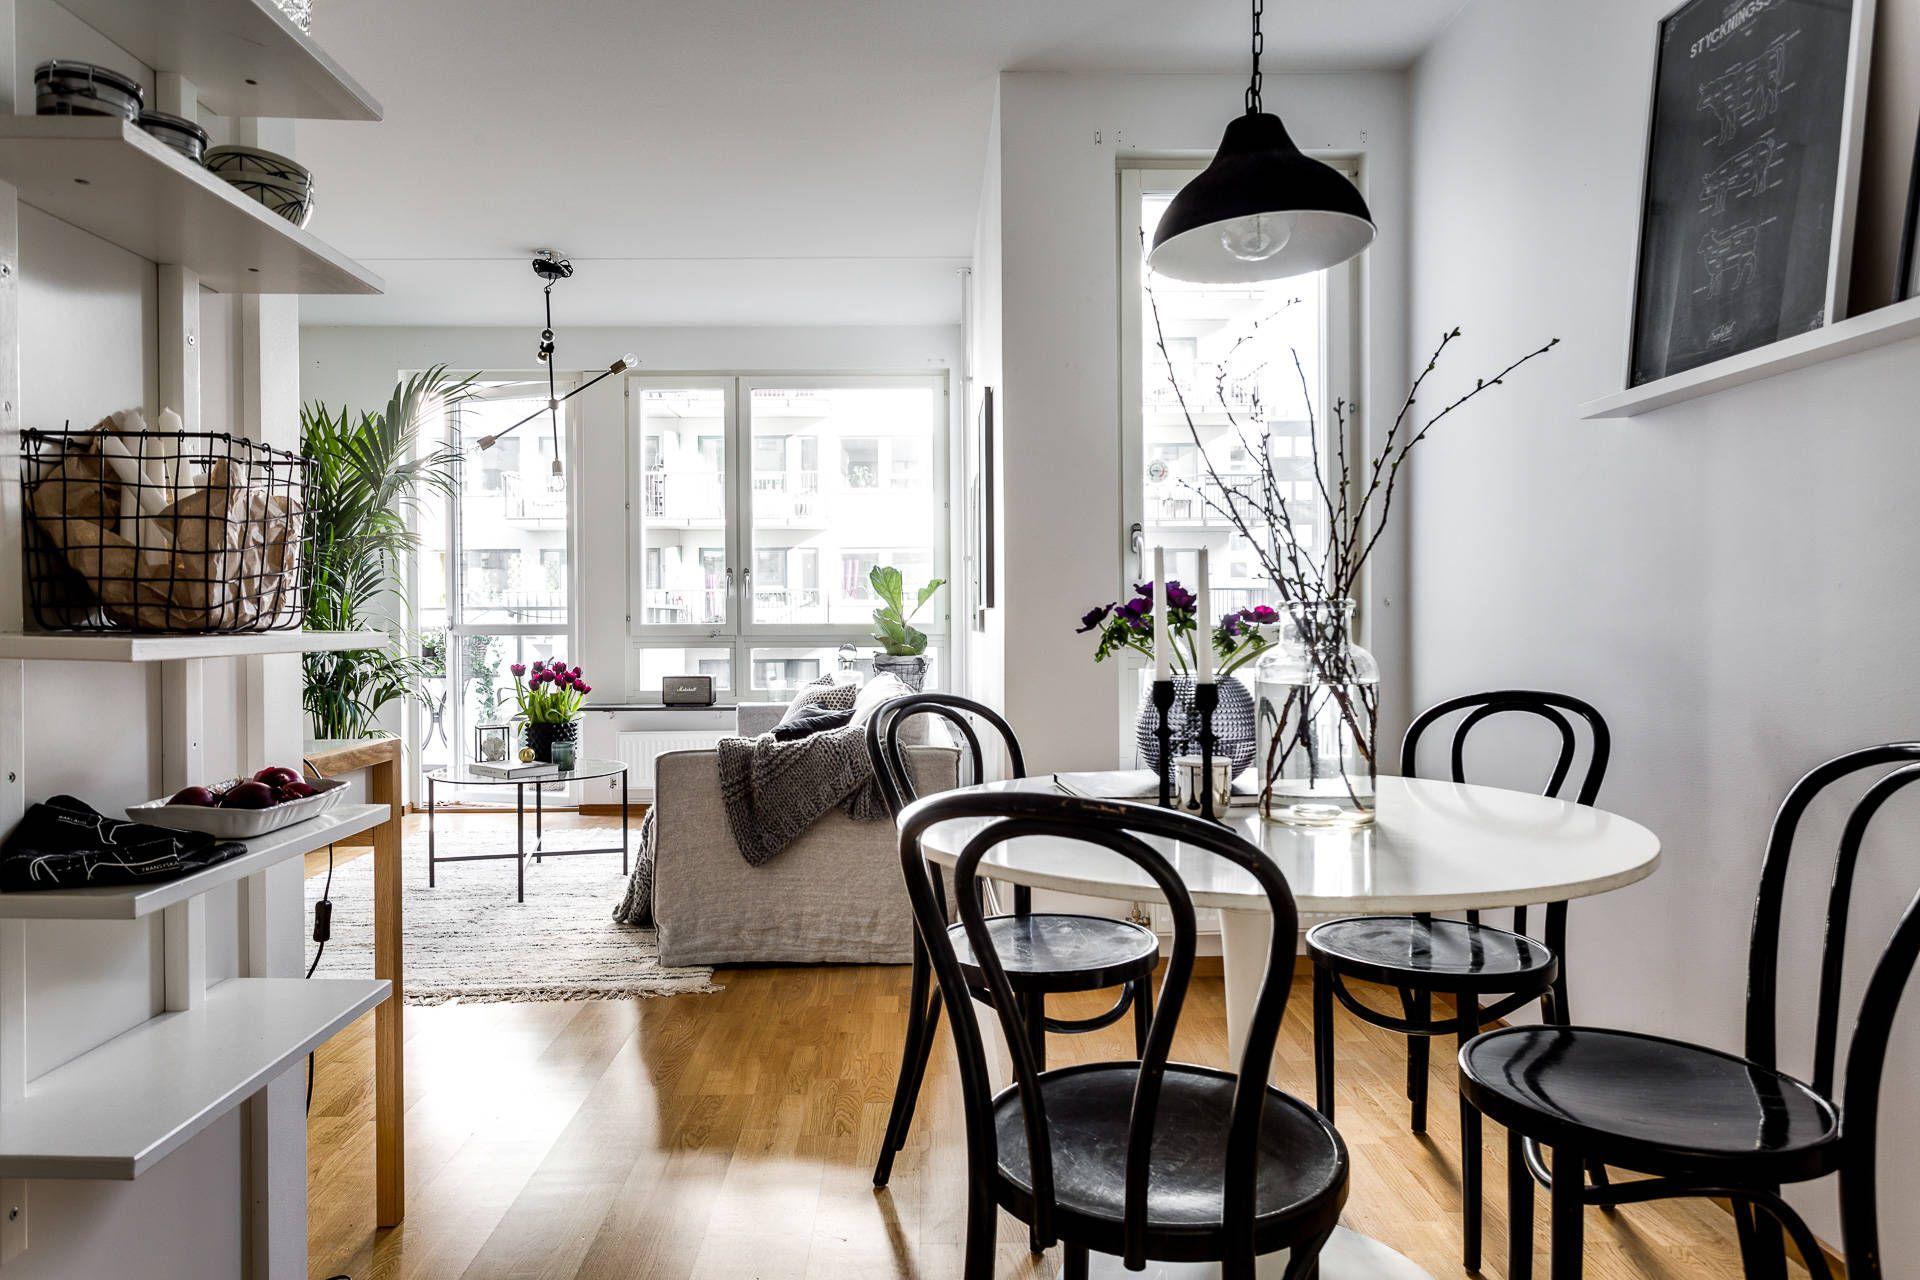 Ikea Docksta dining table Keittiruokailutila Pinterest